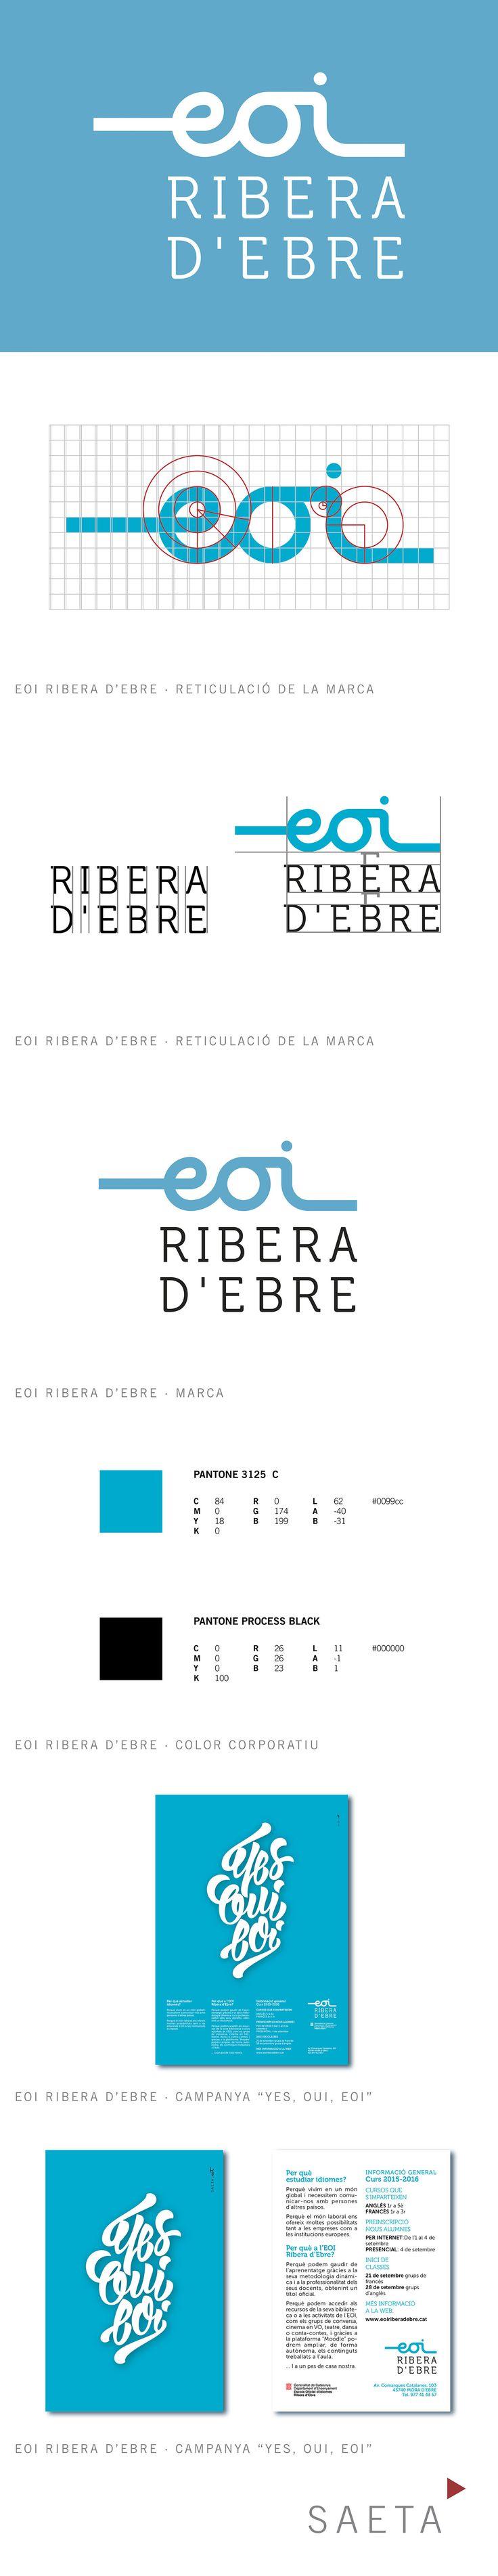 Nueva identidad corporativa de la EOI Ribera d'Ebre. Detalles del manual corporativo y piezas de la campaña de idiomas.